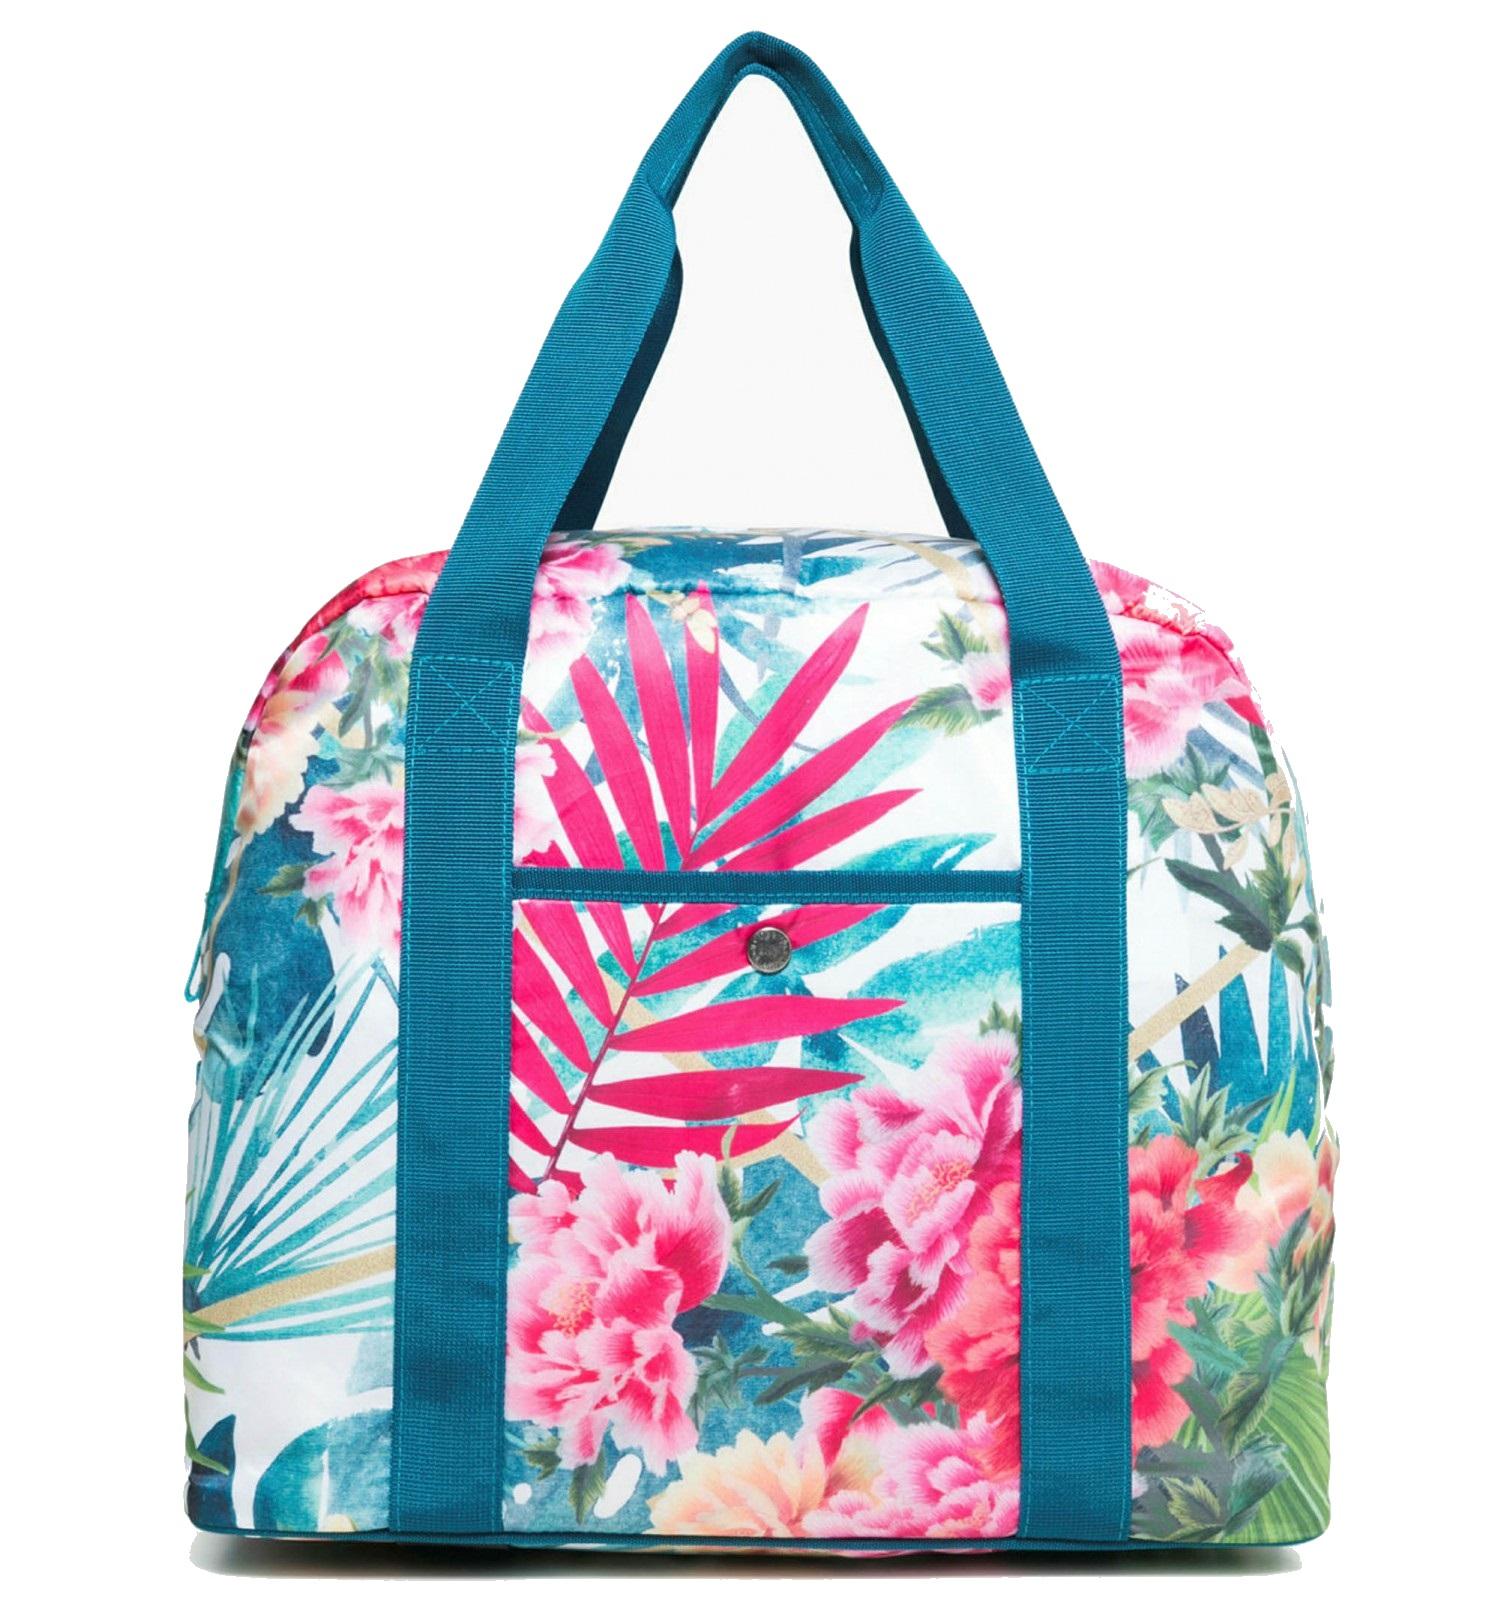 Details zu Desigual Oriental Shoulder Bag Sporttasche Schultertasche Tasche Blanco Weiß